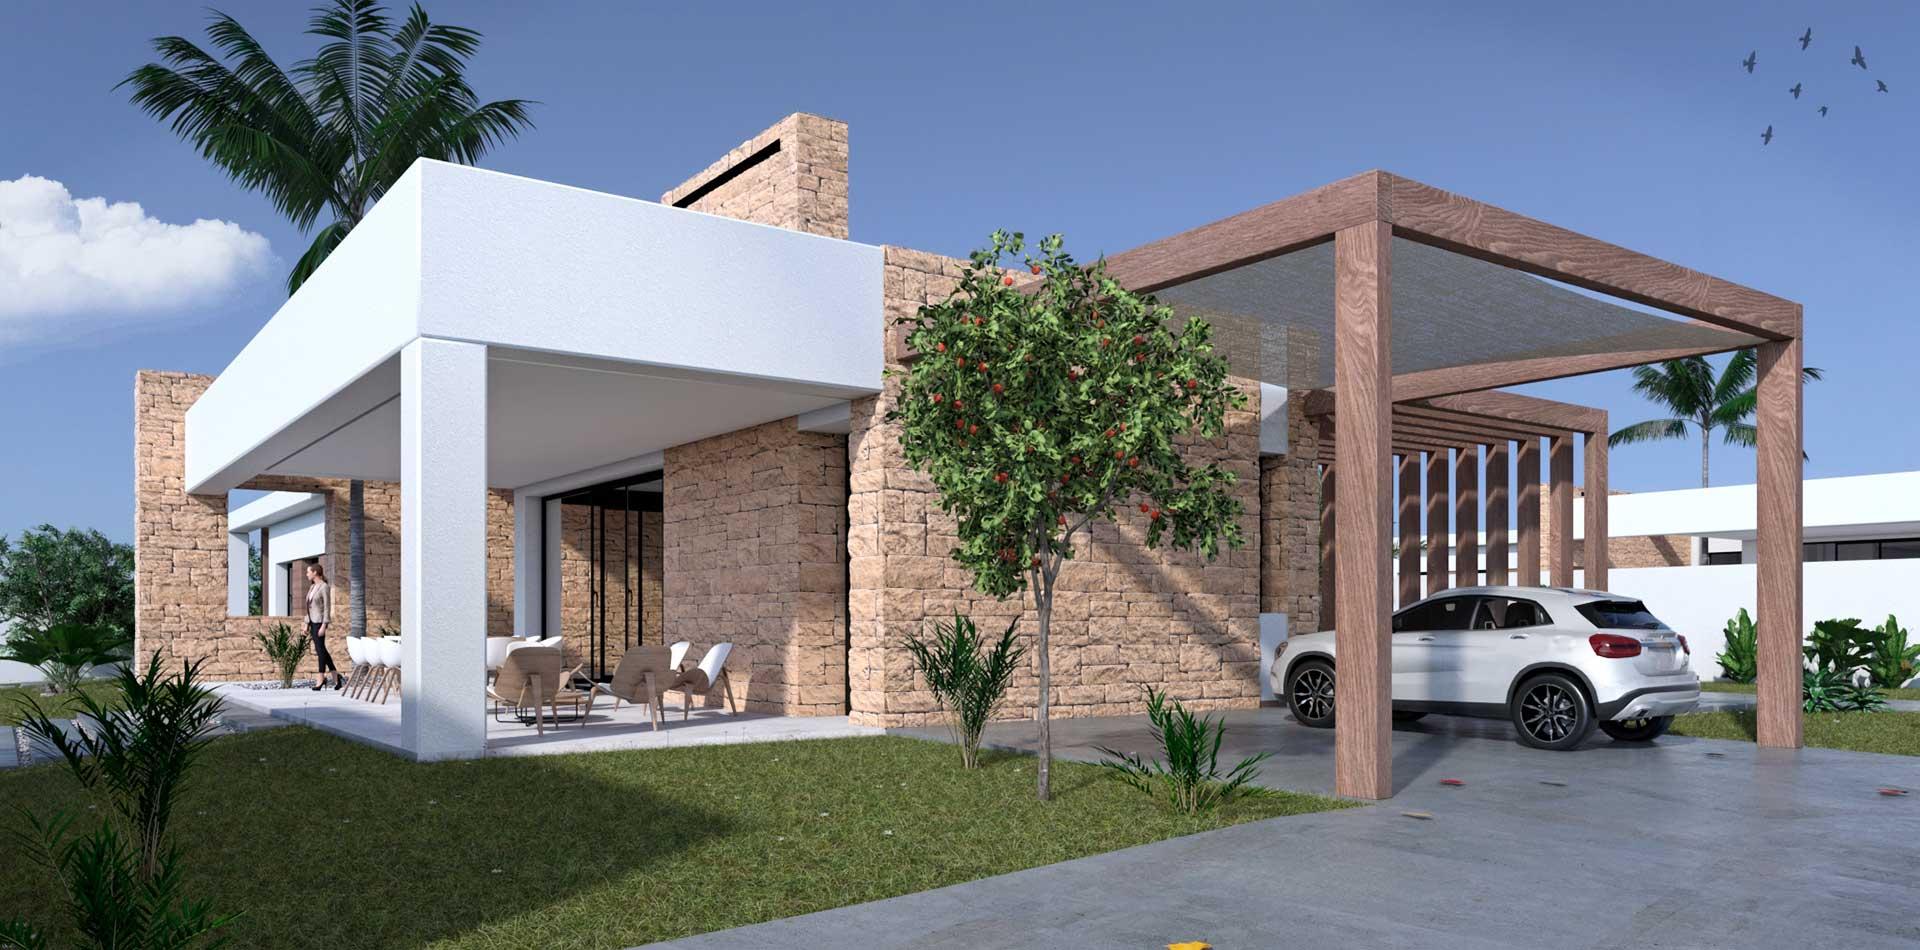 Casas Sanchez San Juan Alicante